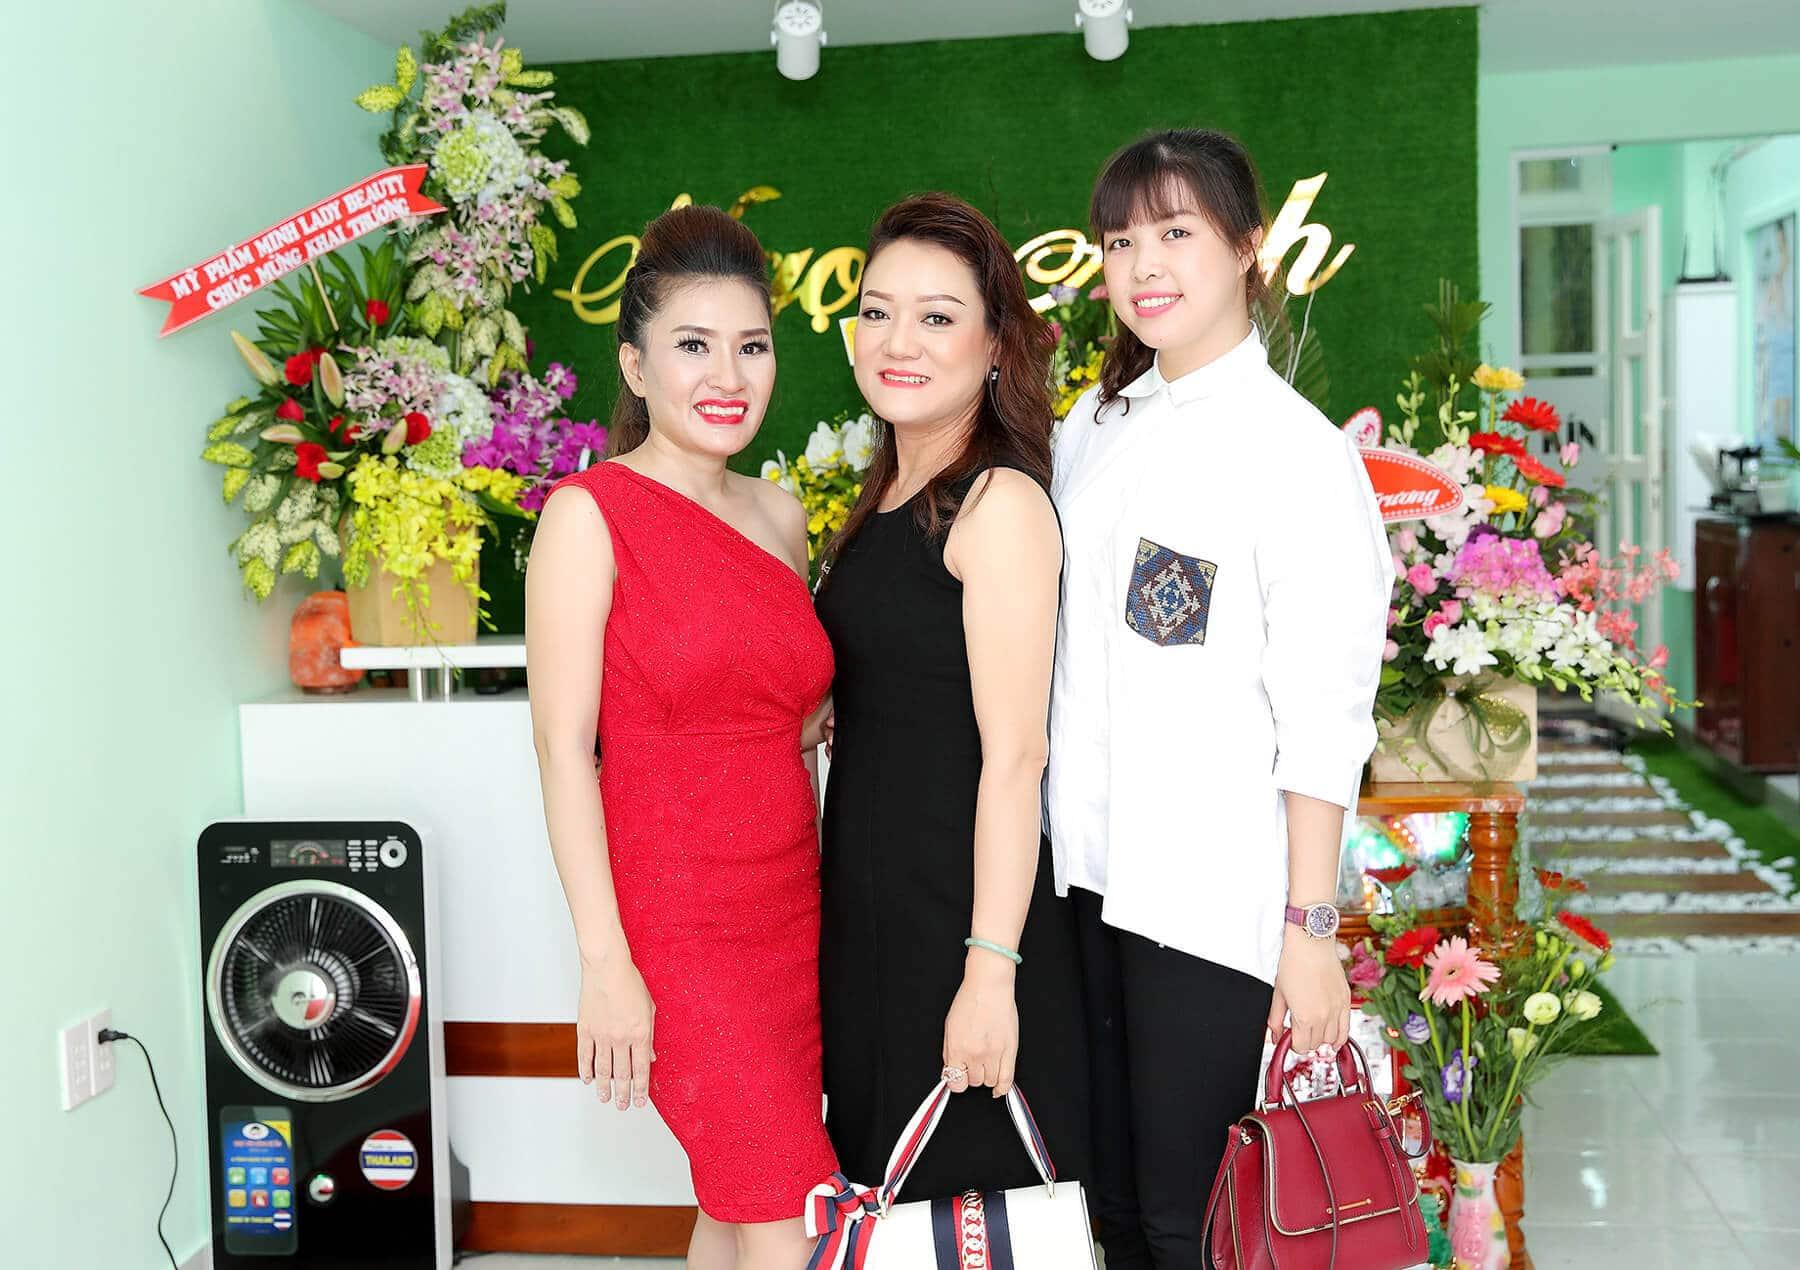 khai-truong-co-so-2-phan-van-tri-spangocanh-4